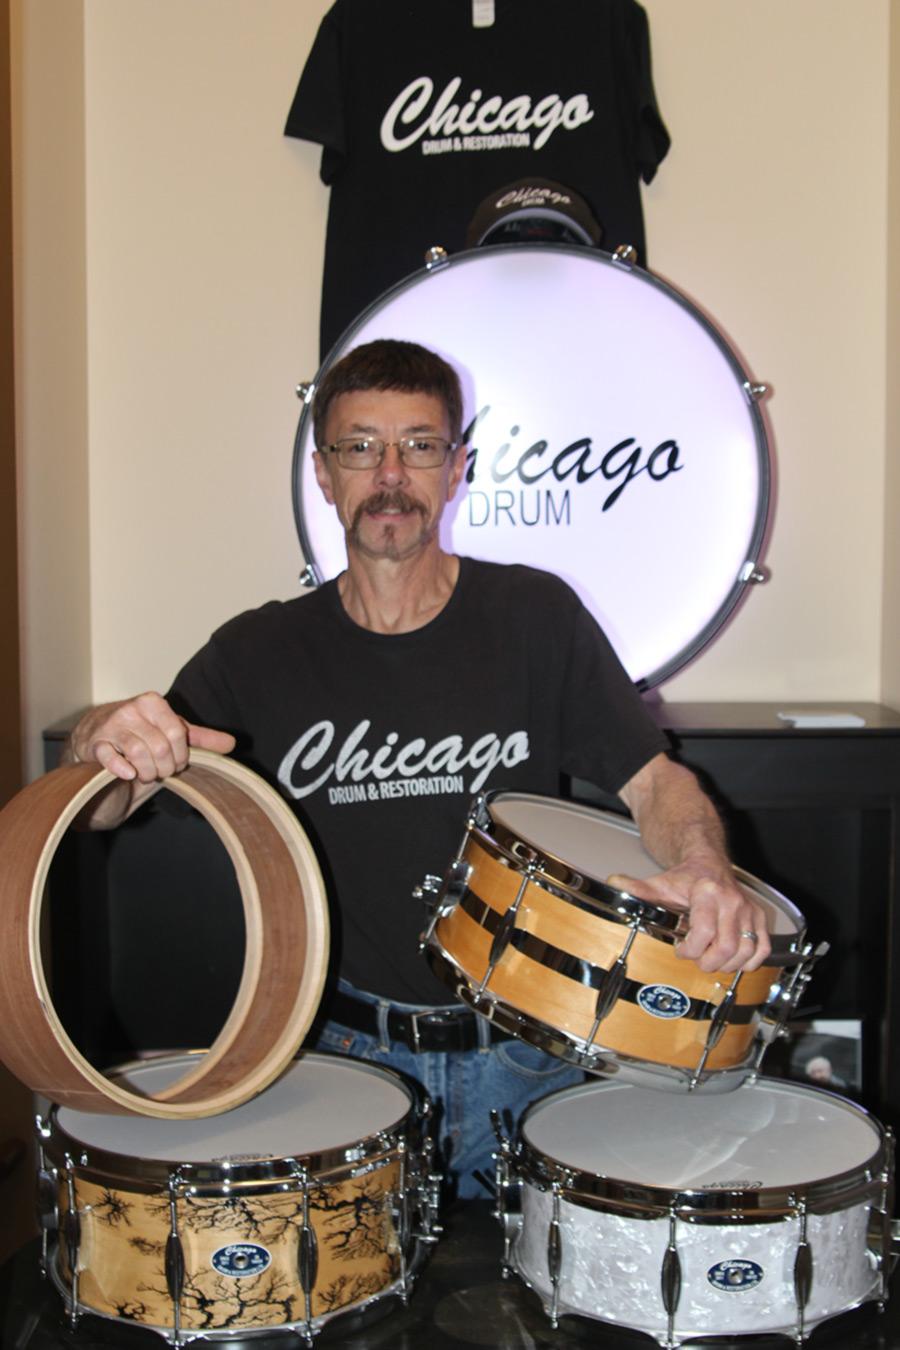 Jim Moritz - Chicago Drum